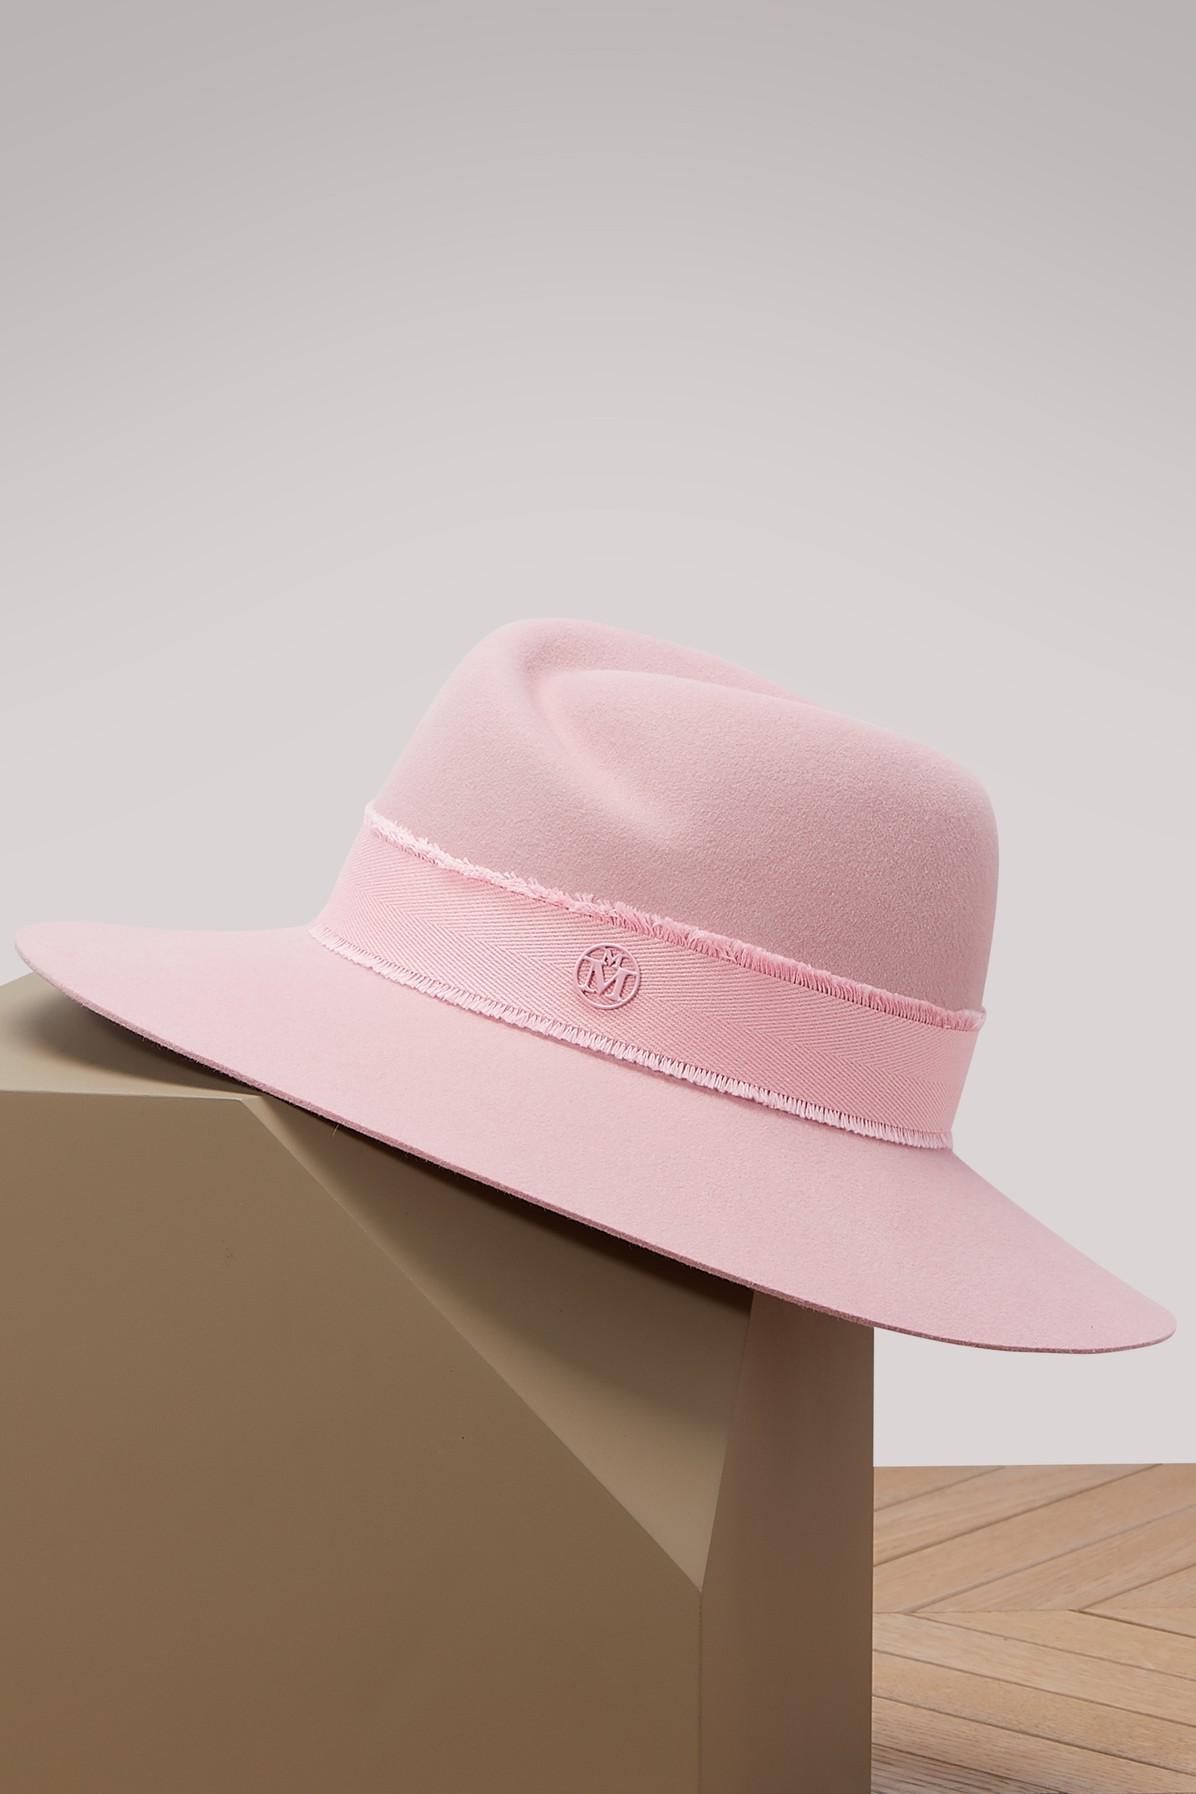 Maison Michel Virginie Hat In Happy Pink